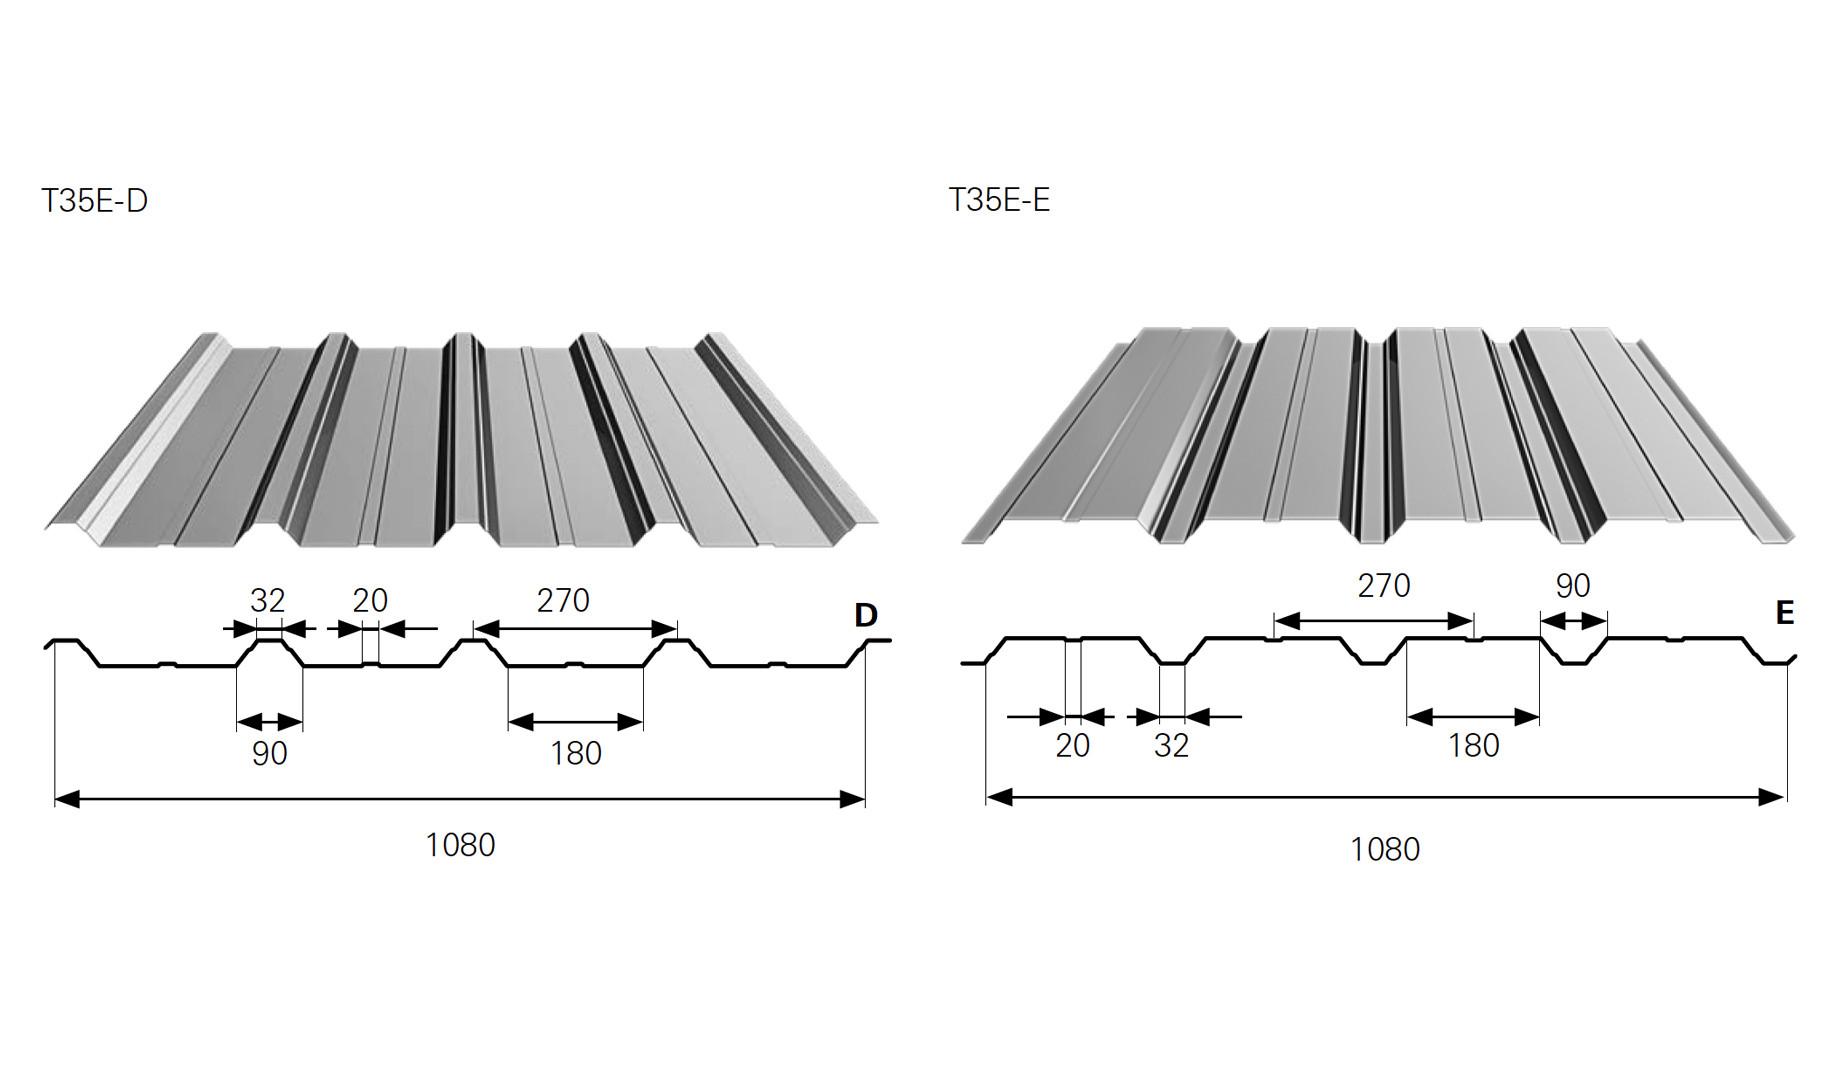 blacha trapezowa t35 eco specyfikacja